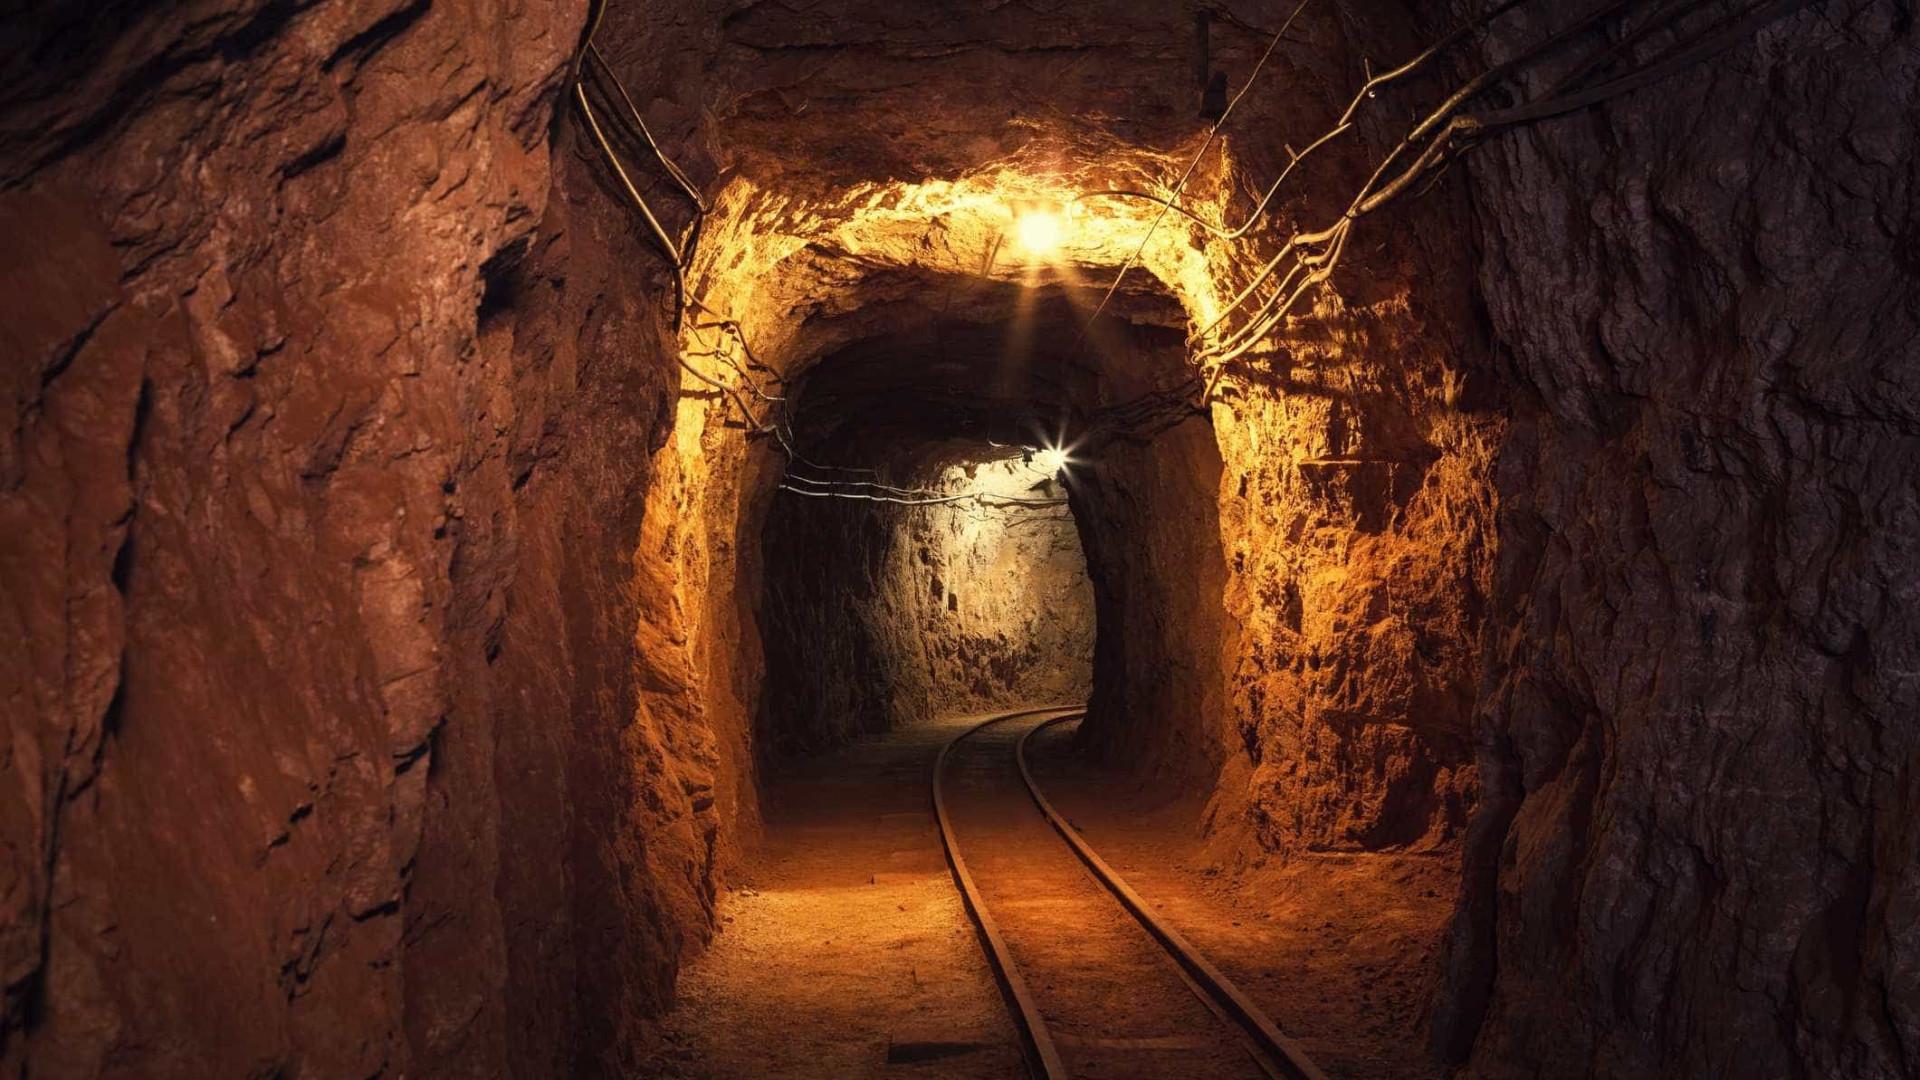 Oito mineiros continuam desaparecidos depois de acidente em mina